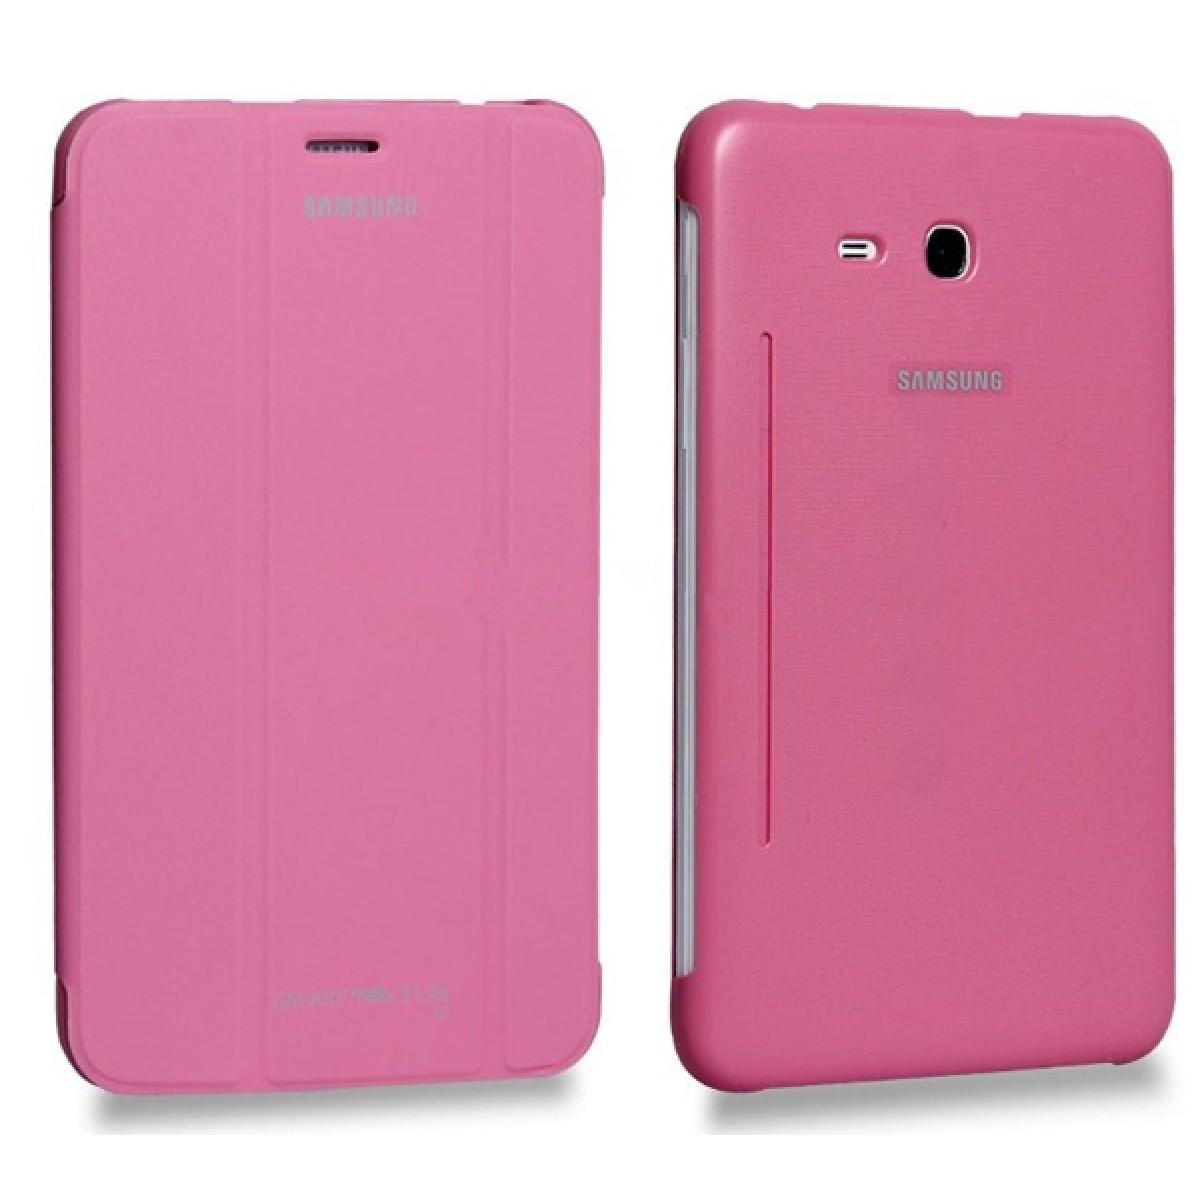 Samsung Galaxy Tab3 Neo T111 Pink Flip Cover Tab 3 Lite White